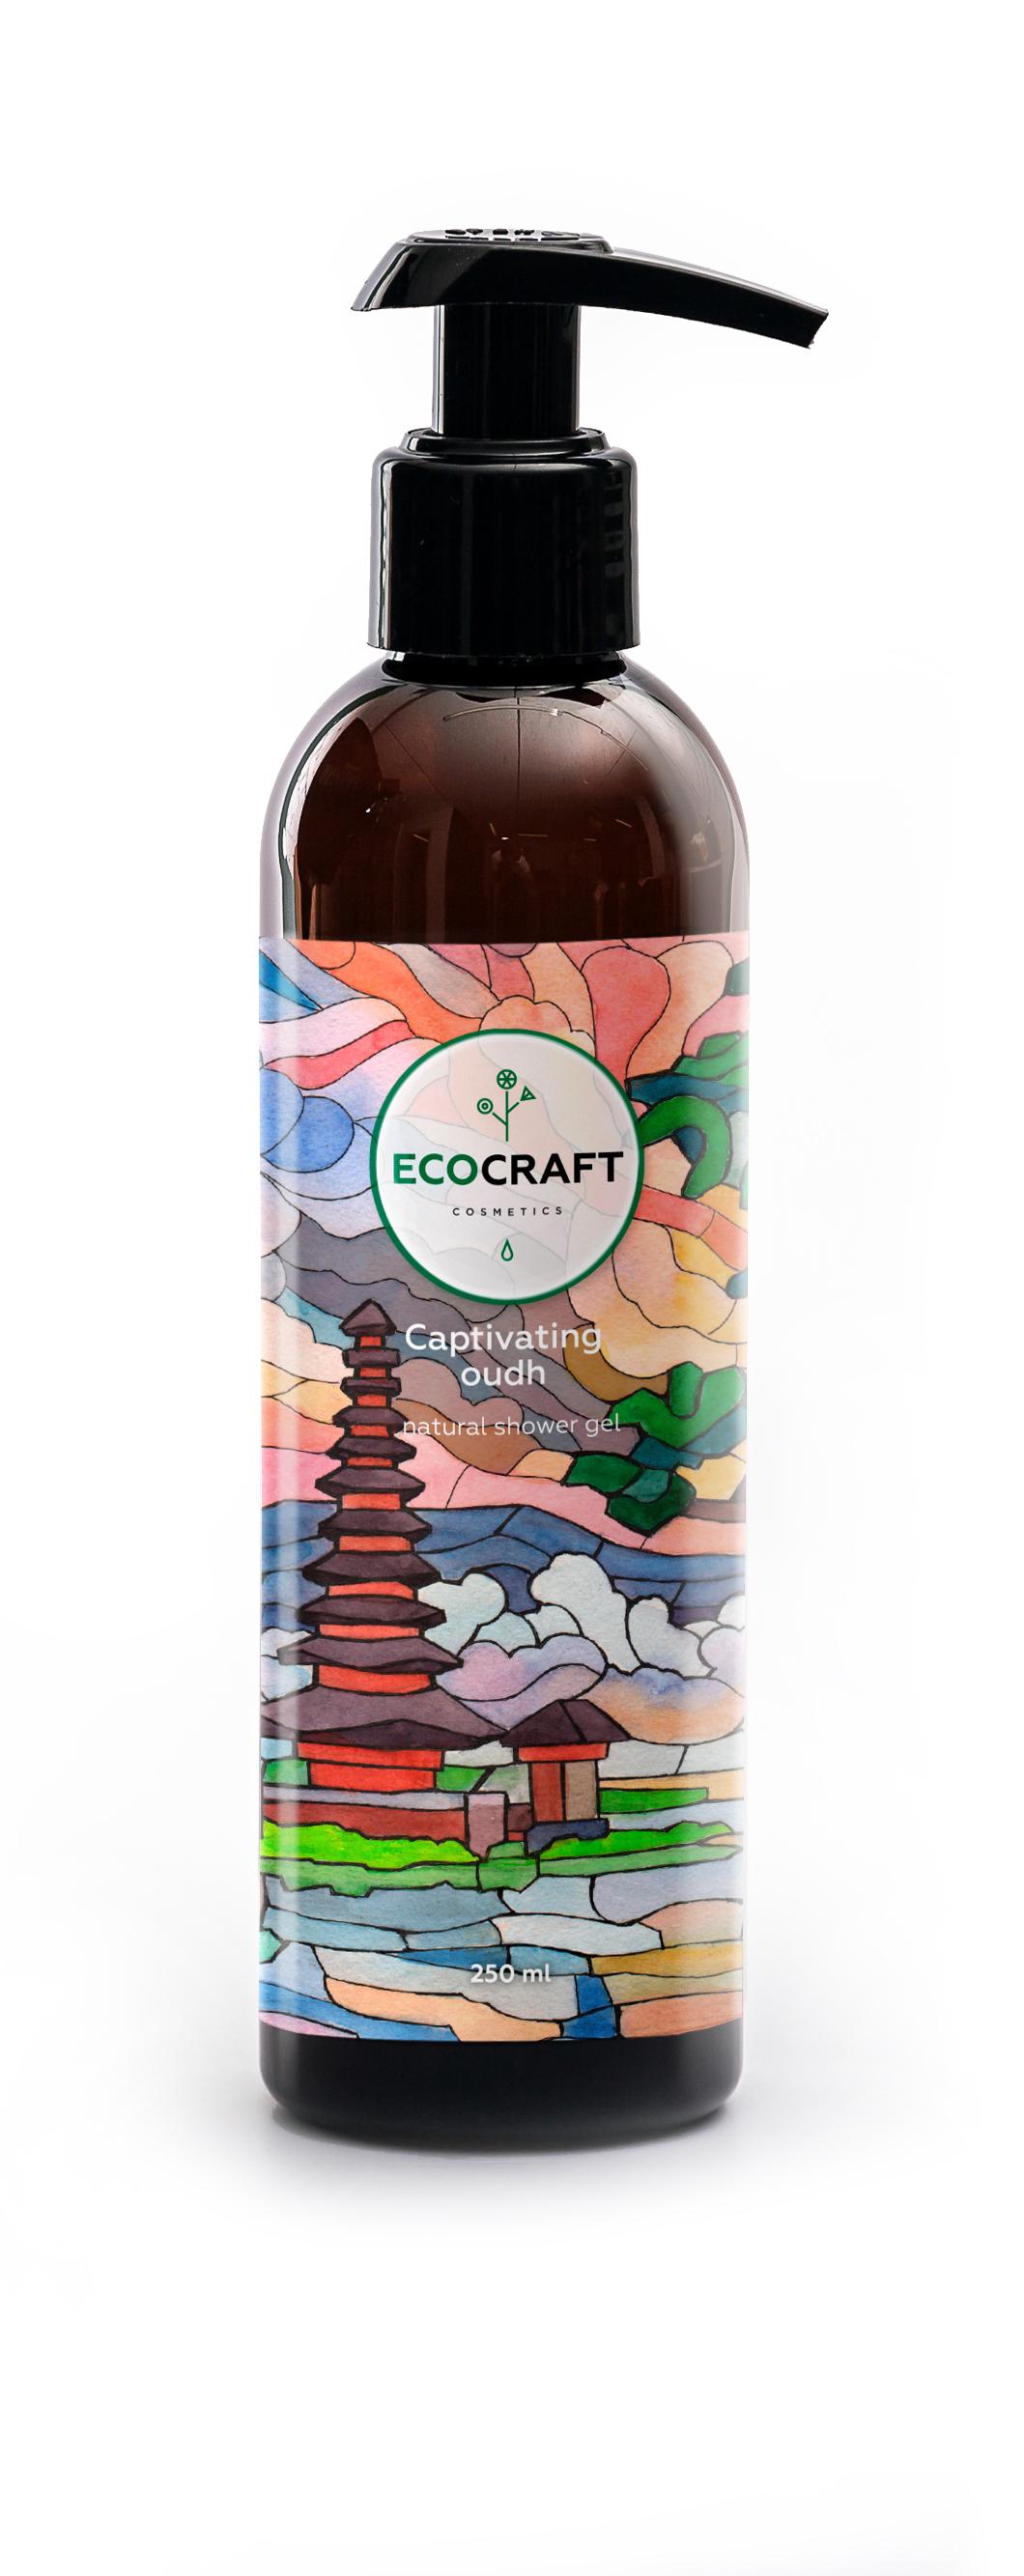 Гель для душа ECOCRAFT Cosmetics Captivating oudh Пленительный уд, 250 мл гель для душа ecocraft ecocraft ec007lwcwjc8